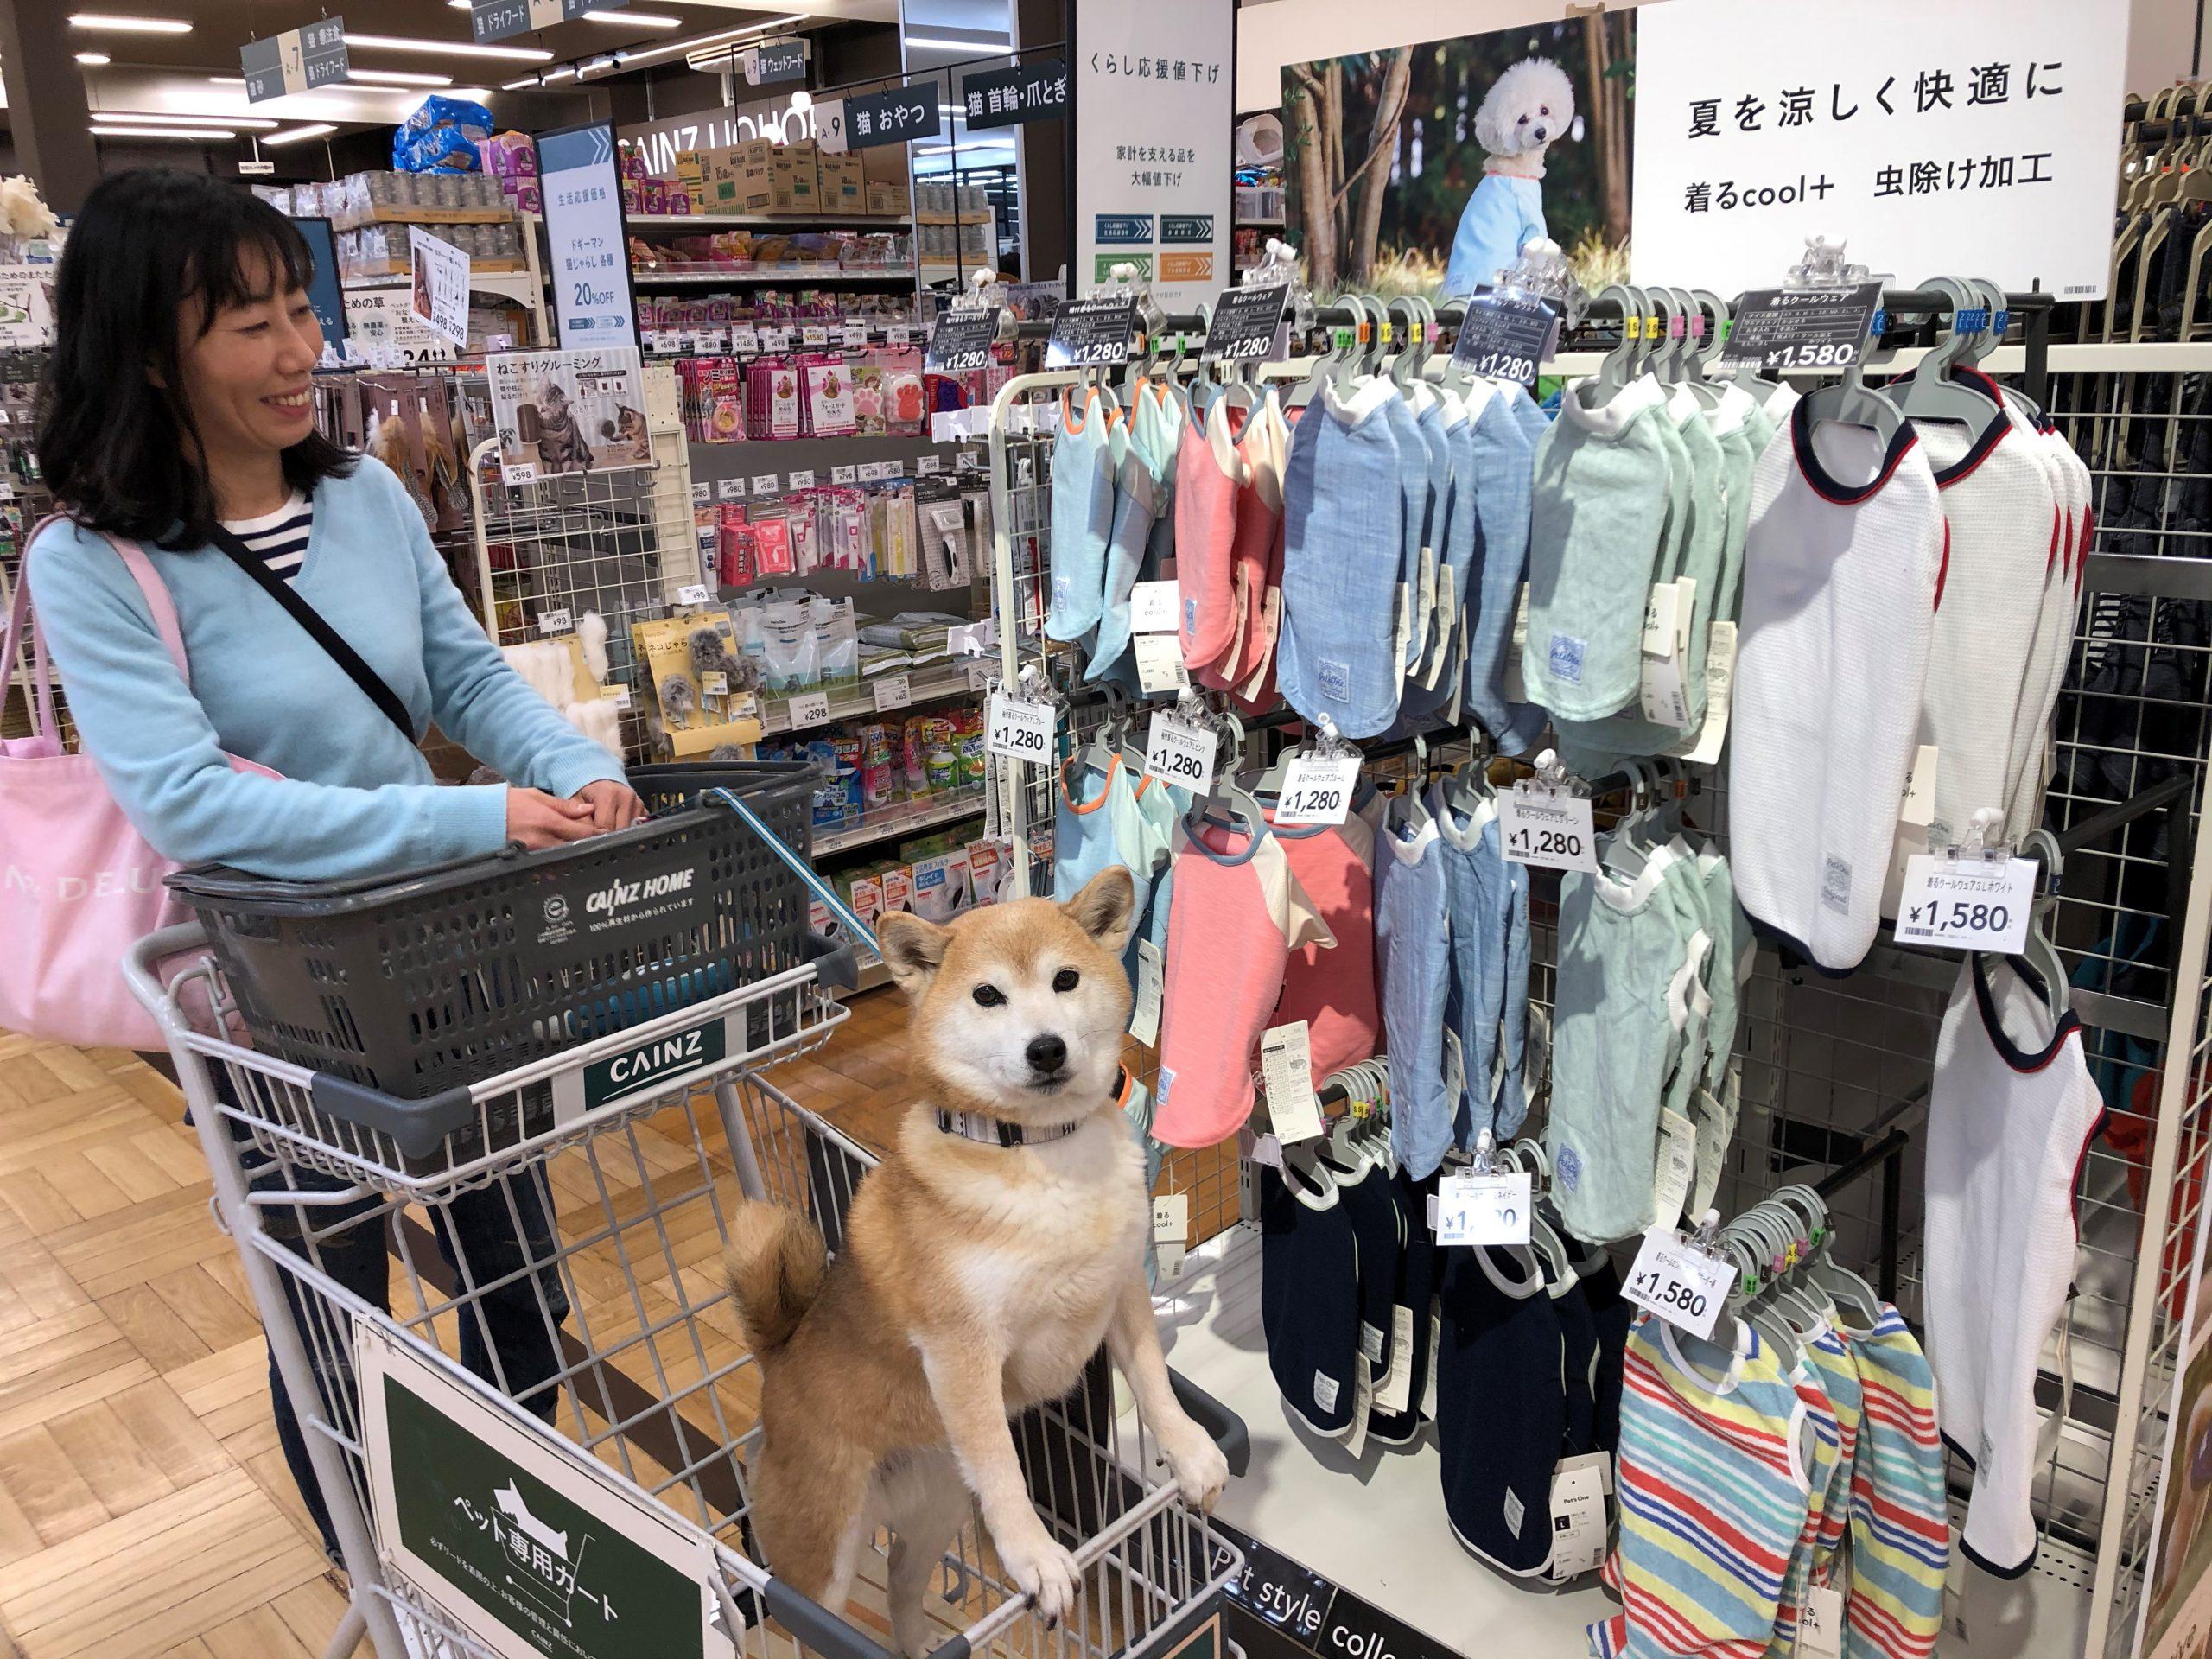 カインズホーム伊東店